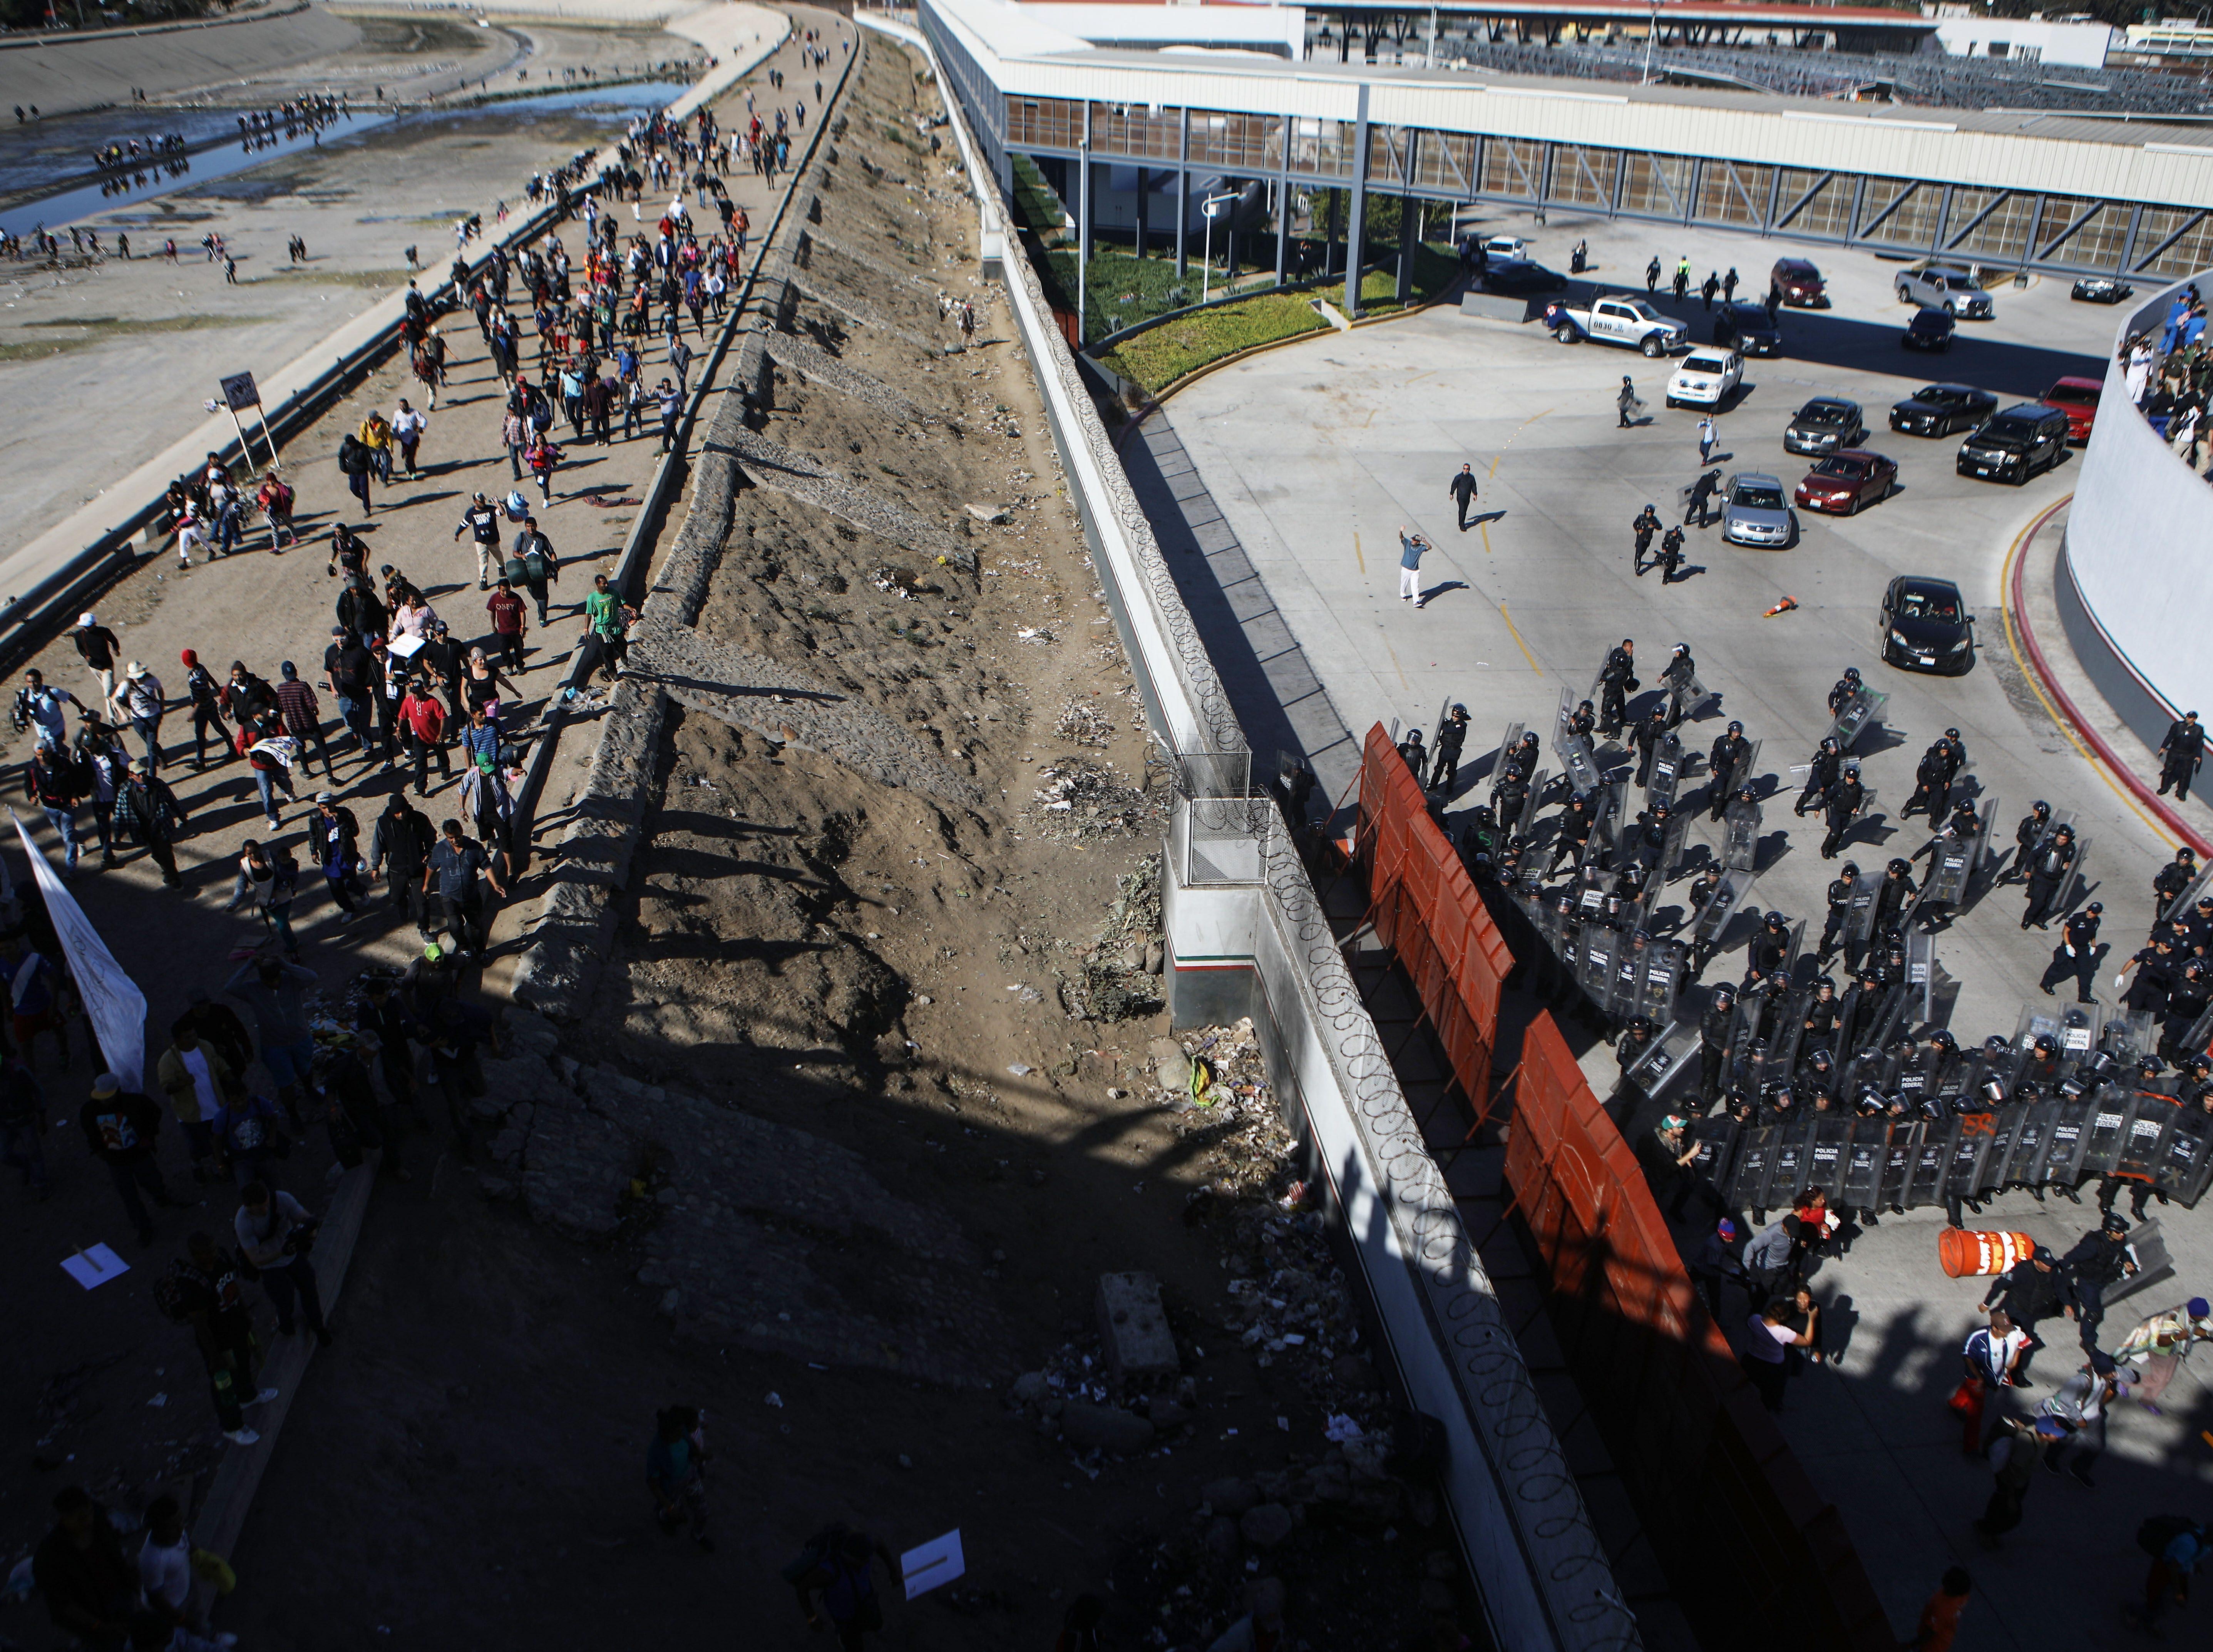 La policía mexicana hace guardia (der) mientras los inmigrantes caminan en una orilla del río Tijuana, casi seco, mientras se dirigen hacia el puerto de entrada de El Chaparral, después de sortear un bloqueo policial, el 25 de noviembre de 2018 en Tijuana, México.